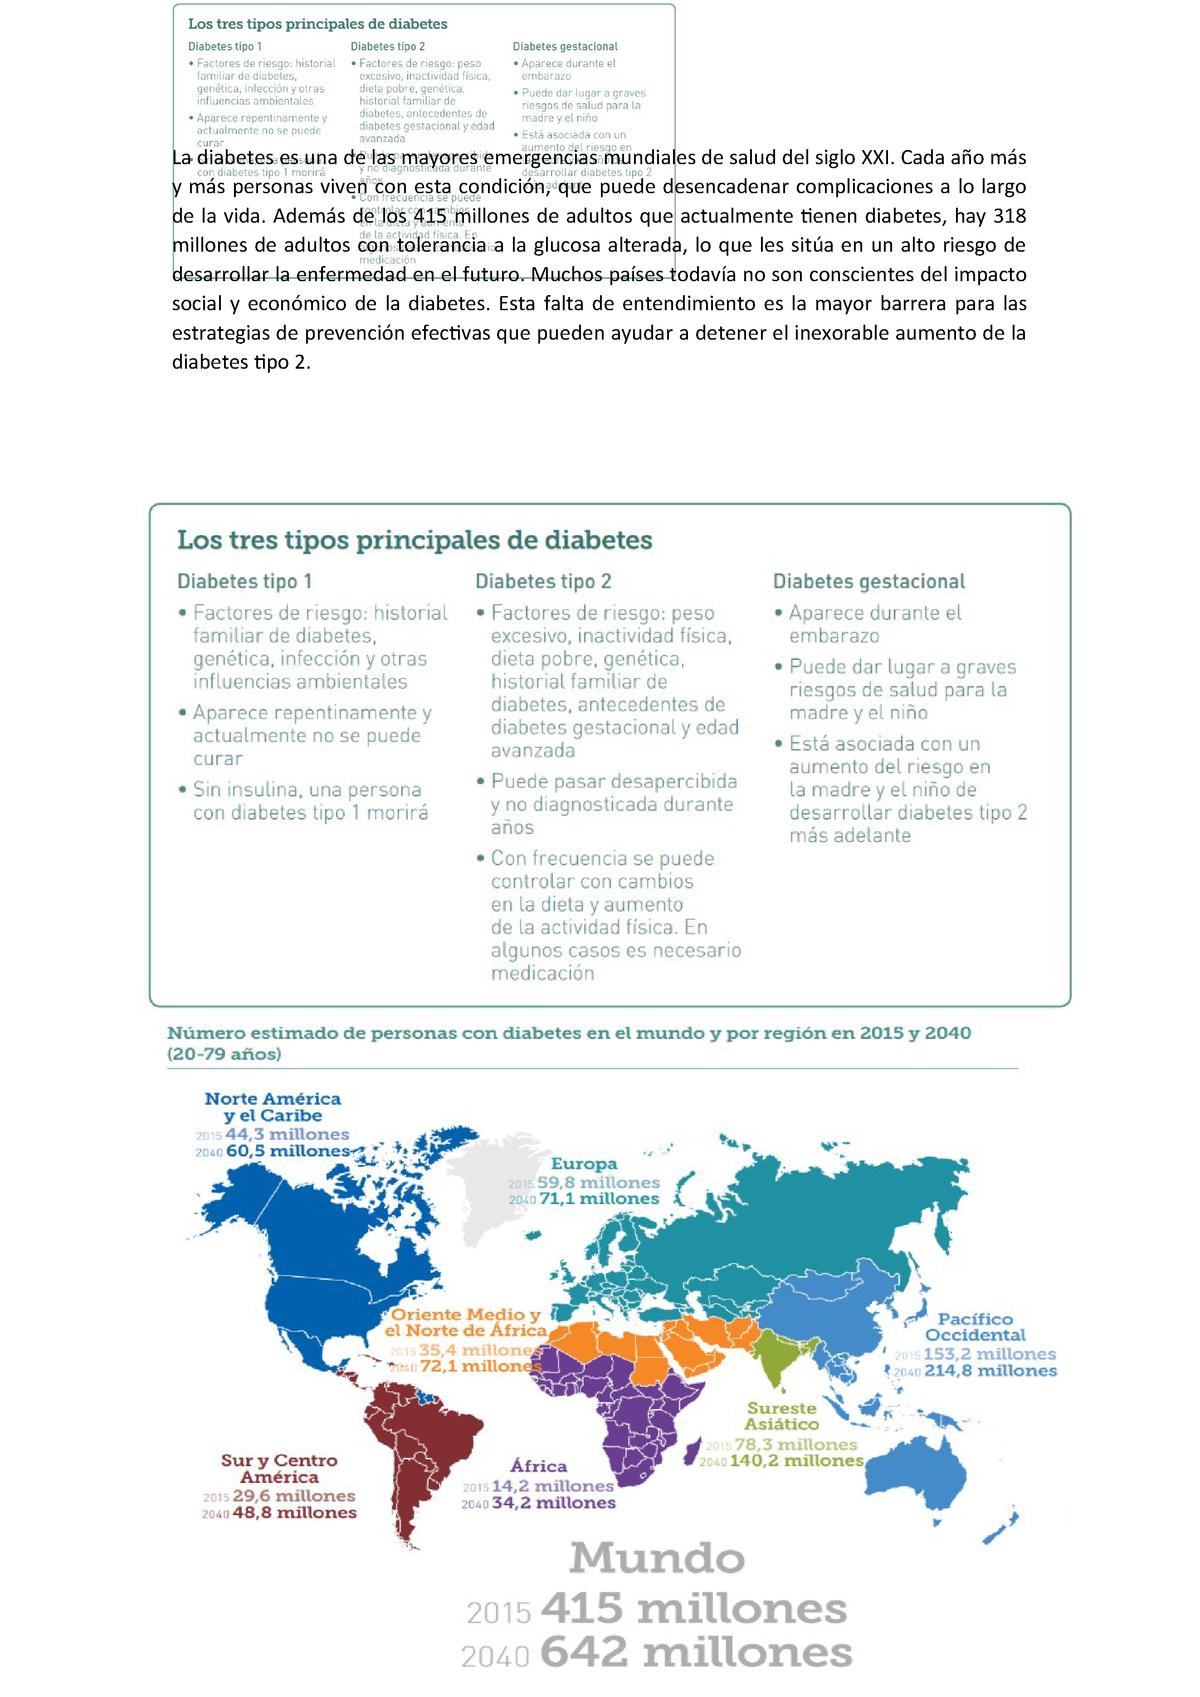 factores ambientales de la diabetes tipo 2